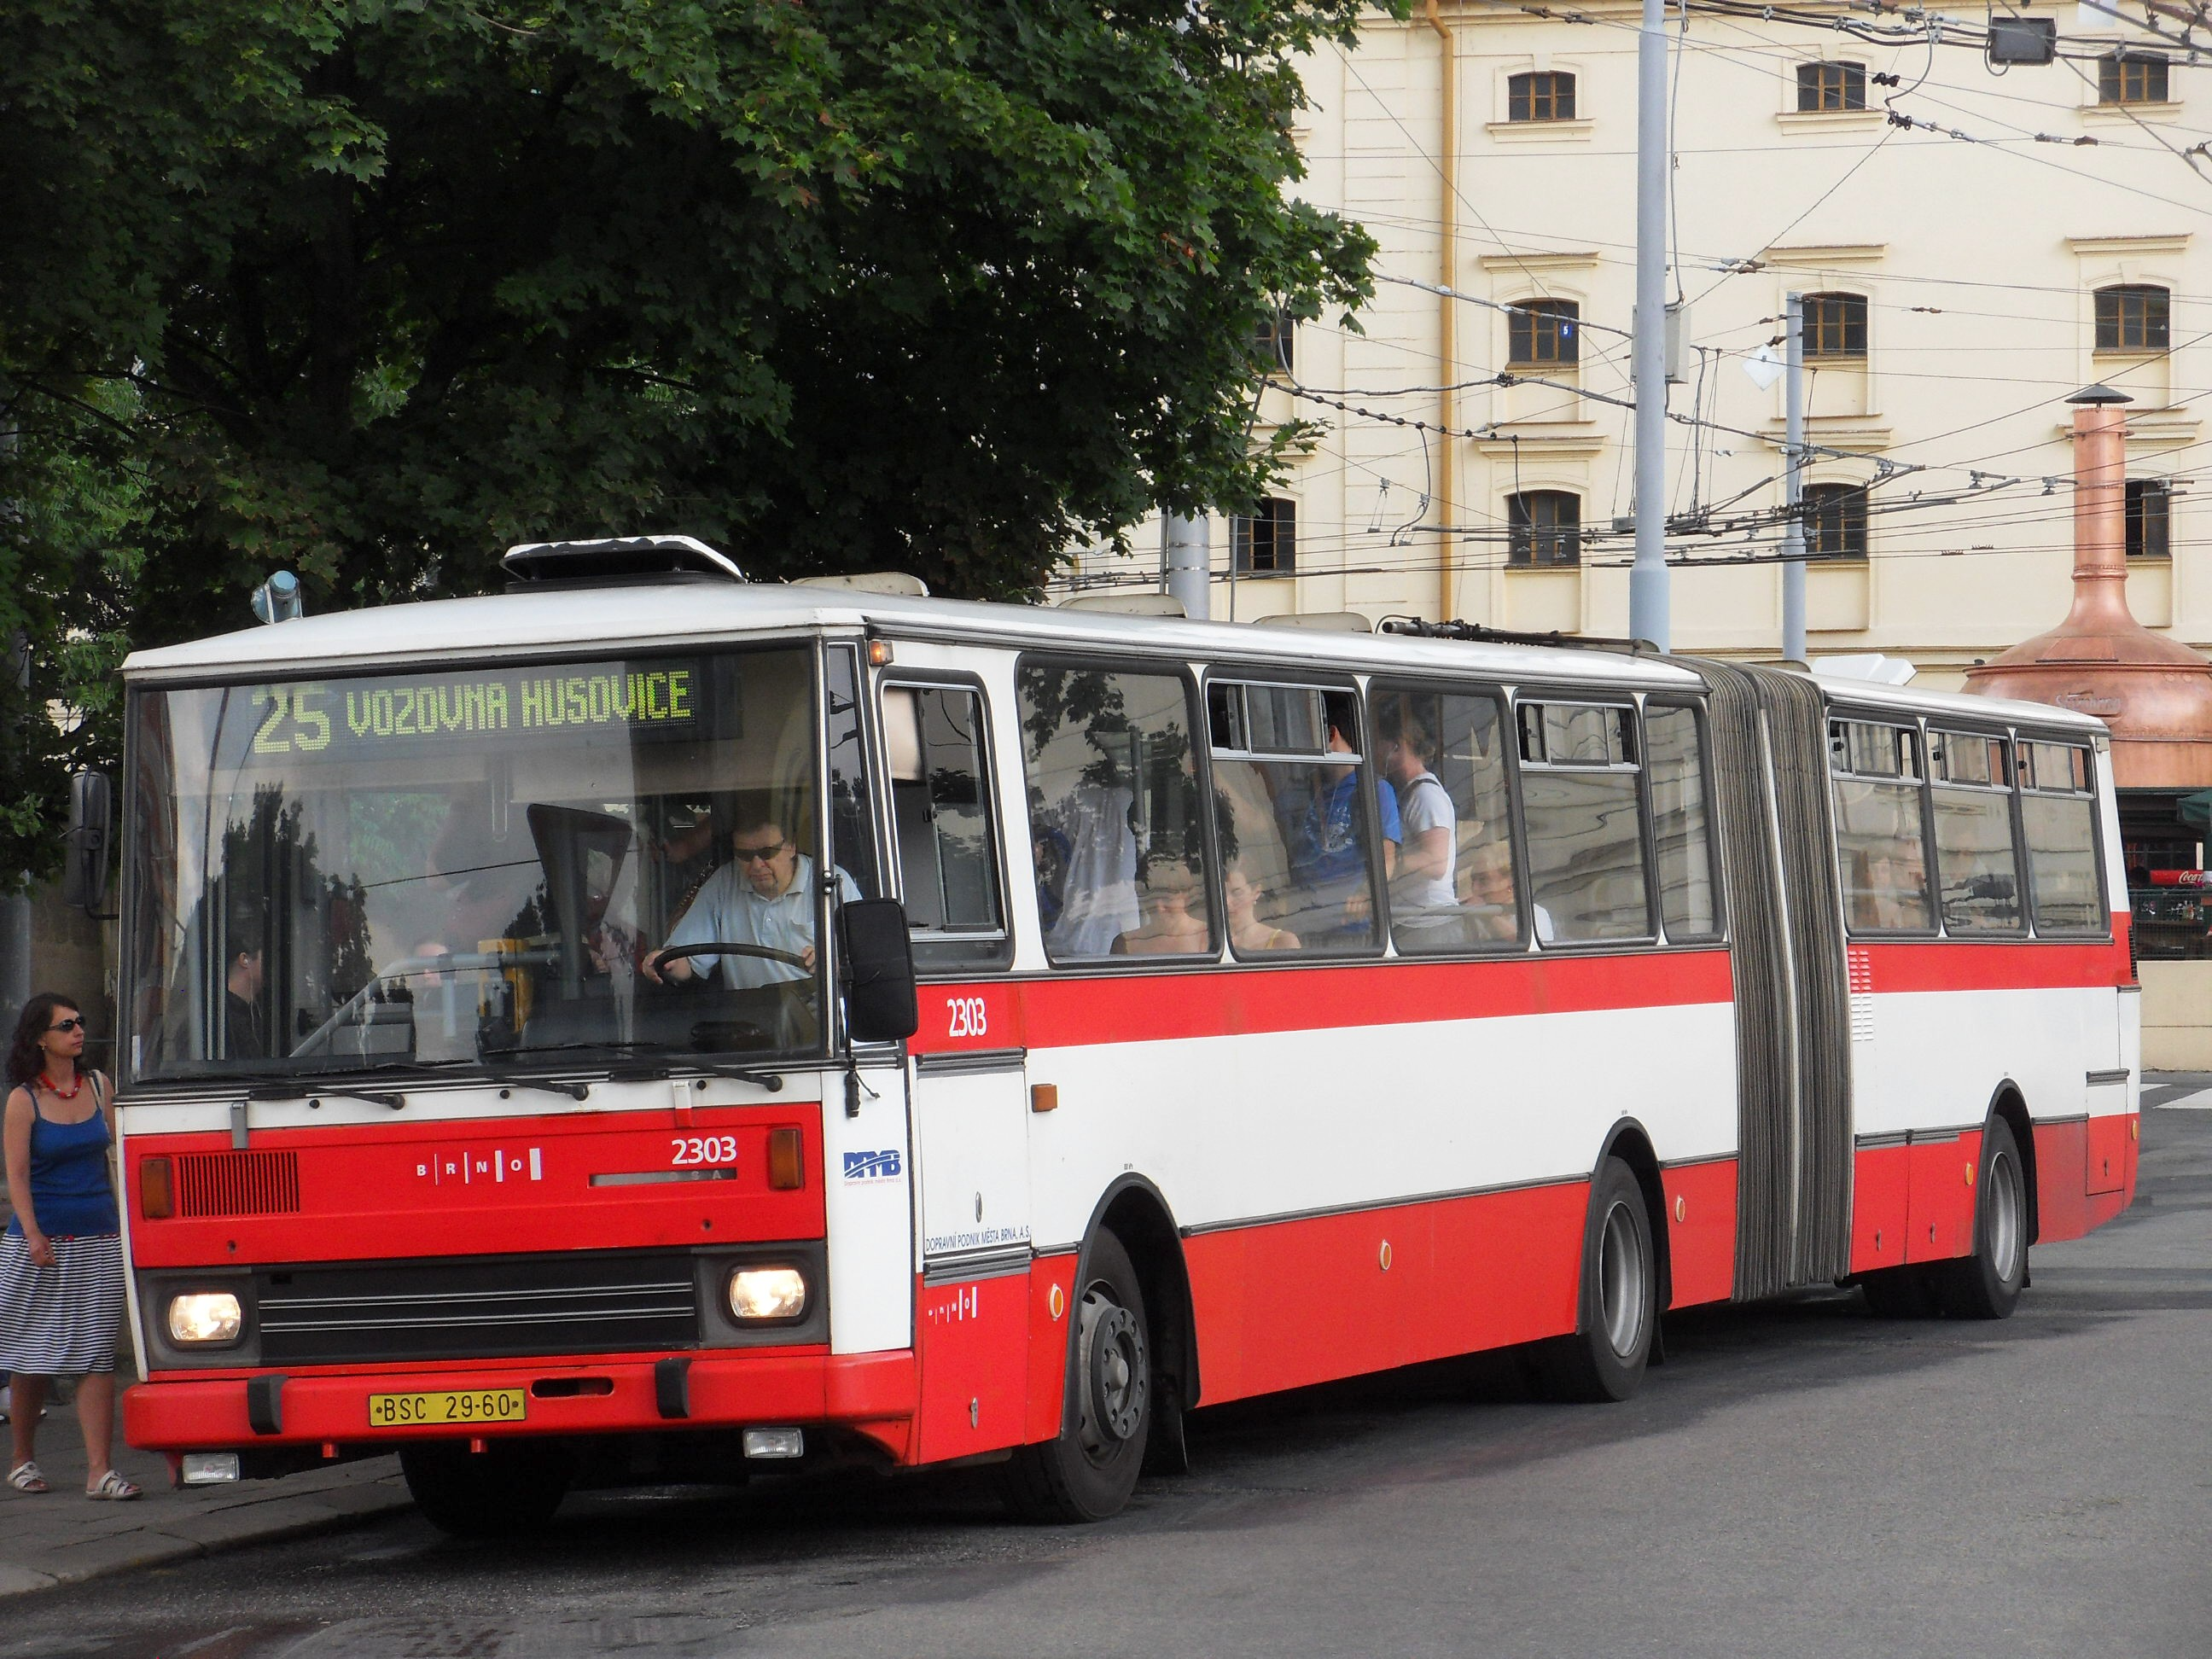 Brno,_Mendlovo_n%C3%A1m%C4%9Bst%C3%AD,_z